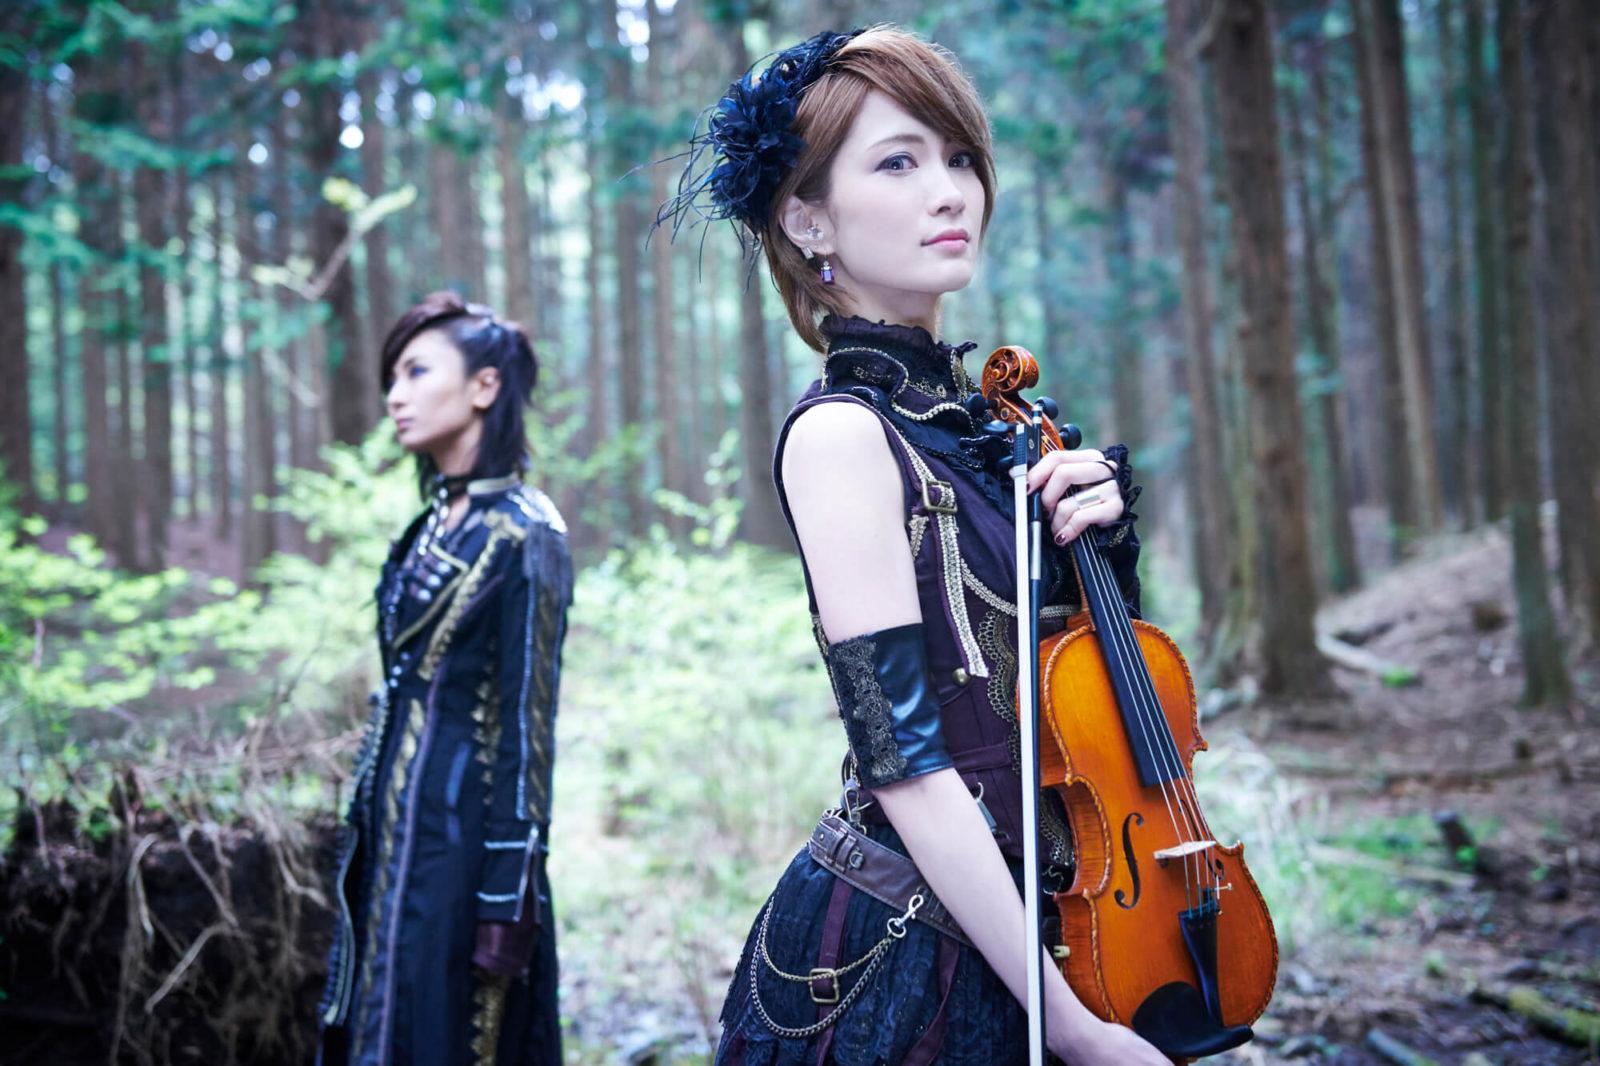 イケメン男装モデルAKIRAとロックバイオリニストAyasaのスペシャルユニット・+Aに聞く「沢山ライブがしたいです」画像65160